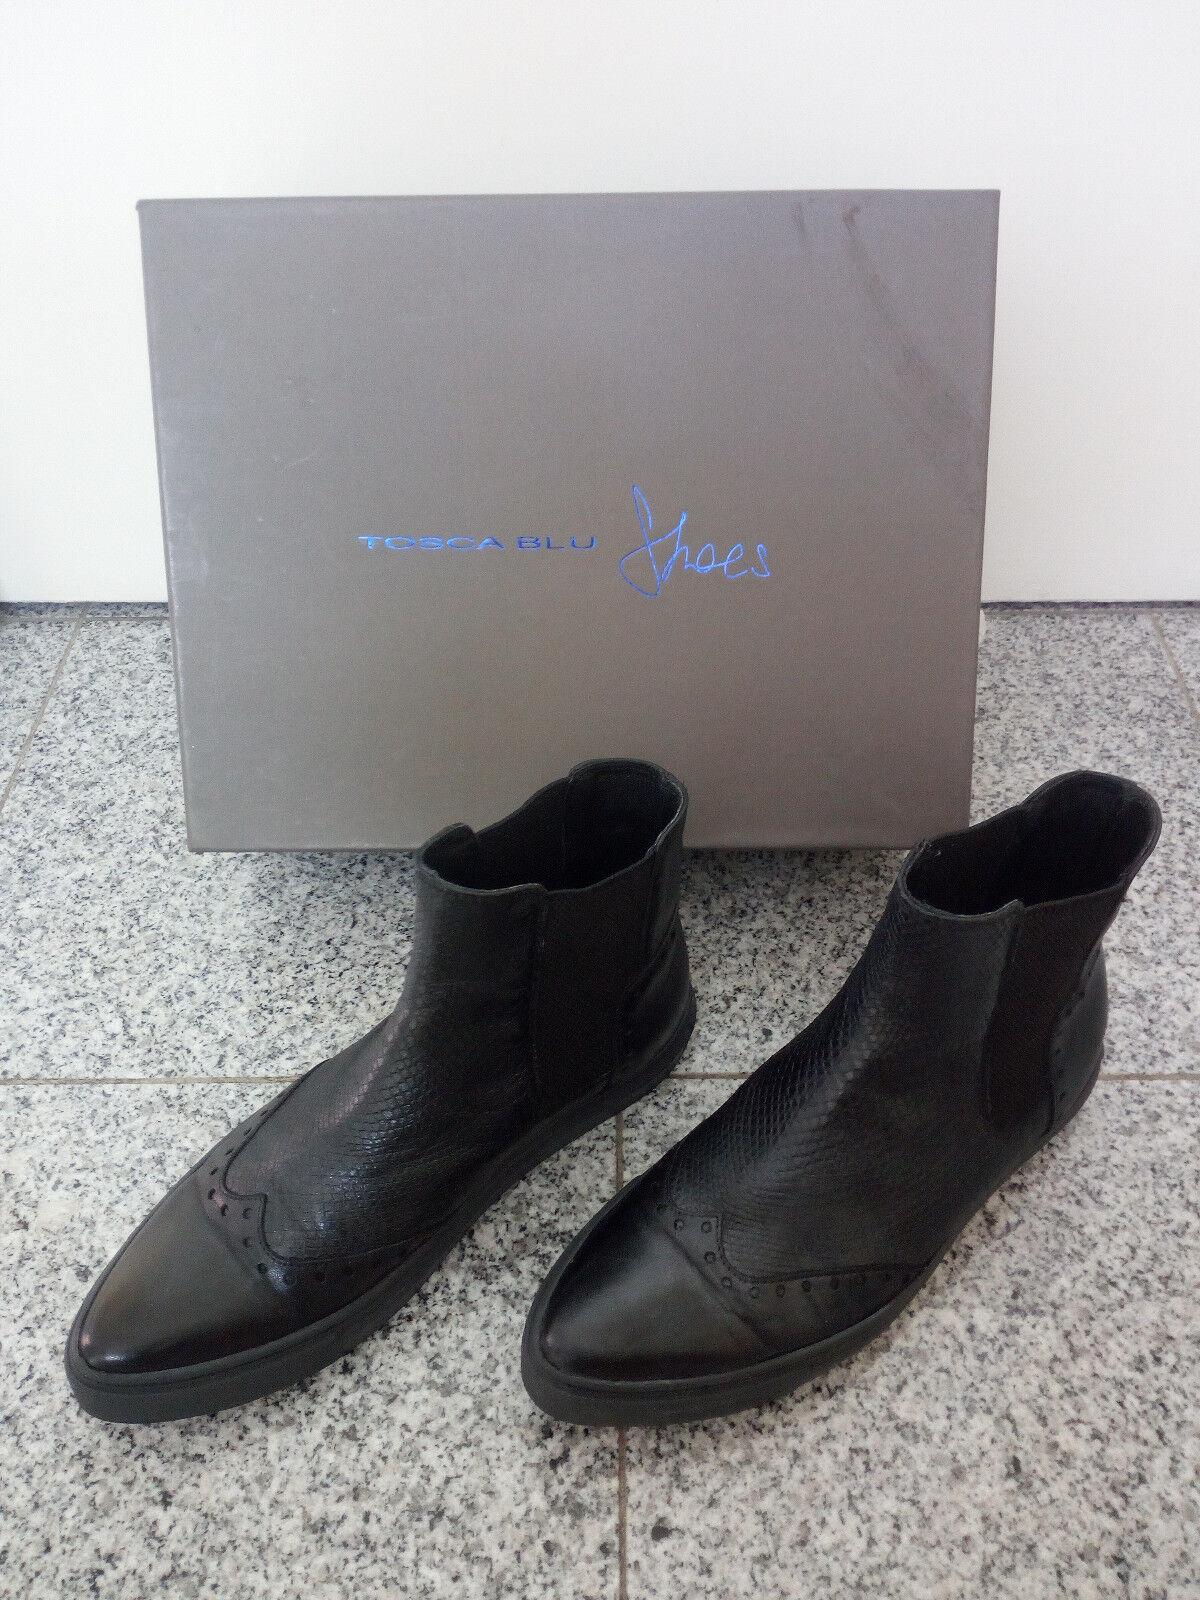 ♥Stiefeletten für Damen von Tosca Blu; Gr: 38; Schwarz; Echtes Leder♥